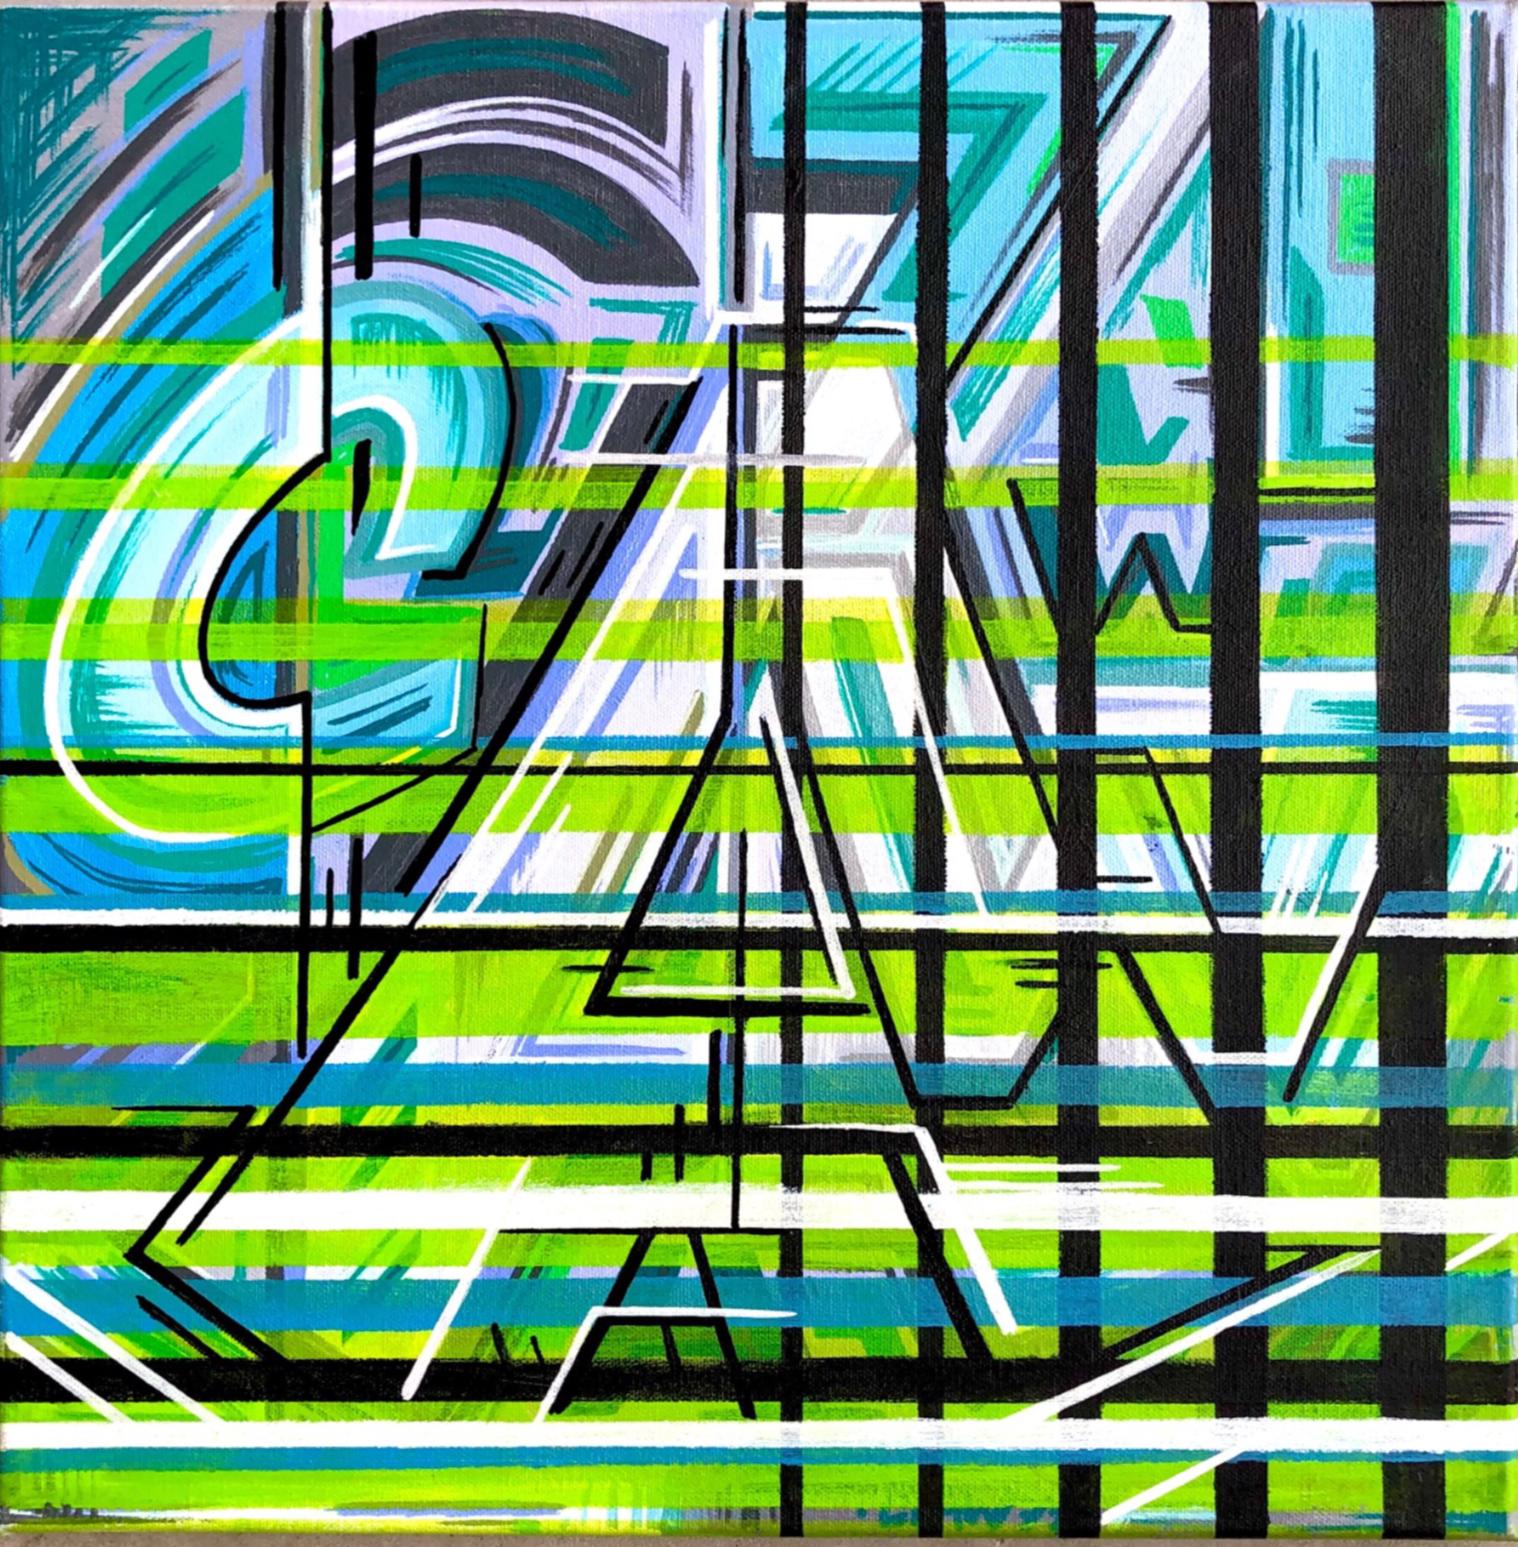 artigall: Braindamage Kunstwerk Detailansicht